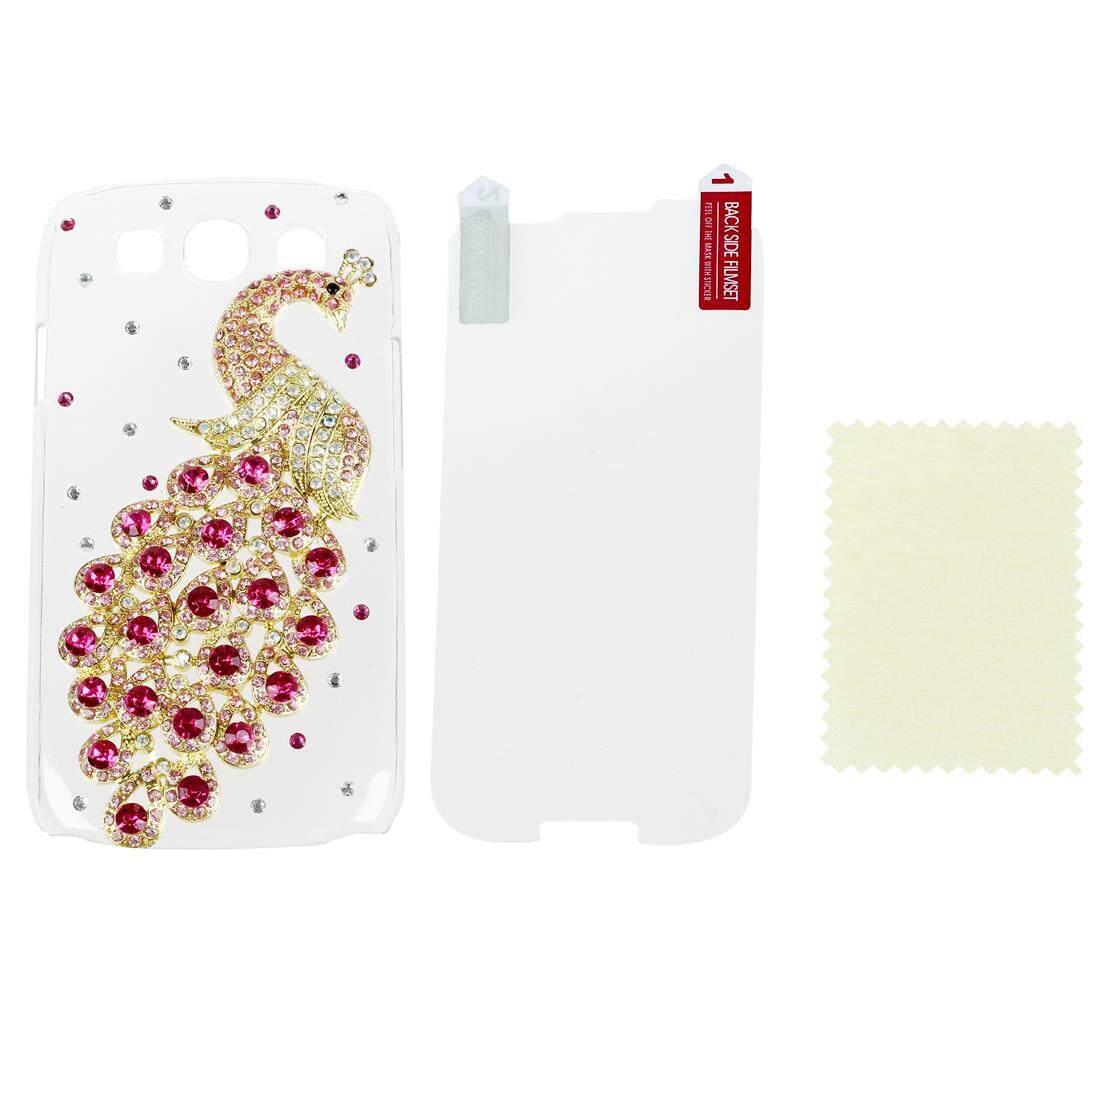 Deluxe Buatan Tangan Jelas Berwarna Merah Muda Merak BLING Berlian Imitasi Kristal Wadah Kulit Penutup untuk Samsung I9300 Galaxy S3 I9300, I747, l710, T999, I535 (AT & T, T Mobile, Sprint, Verizon AS s. seluler) dengan Pelindung Layar-Intl